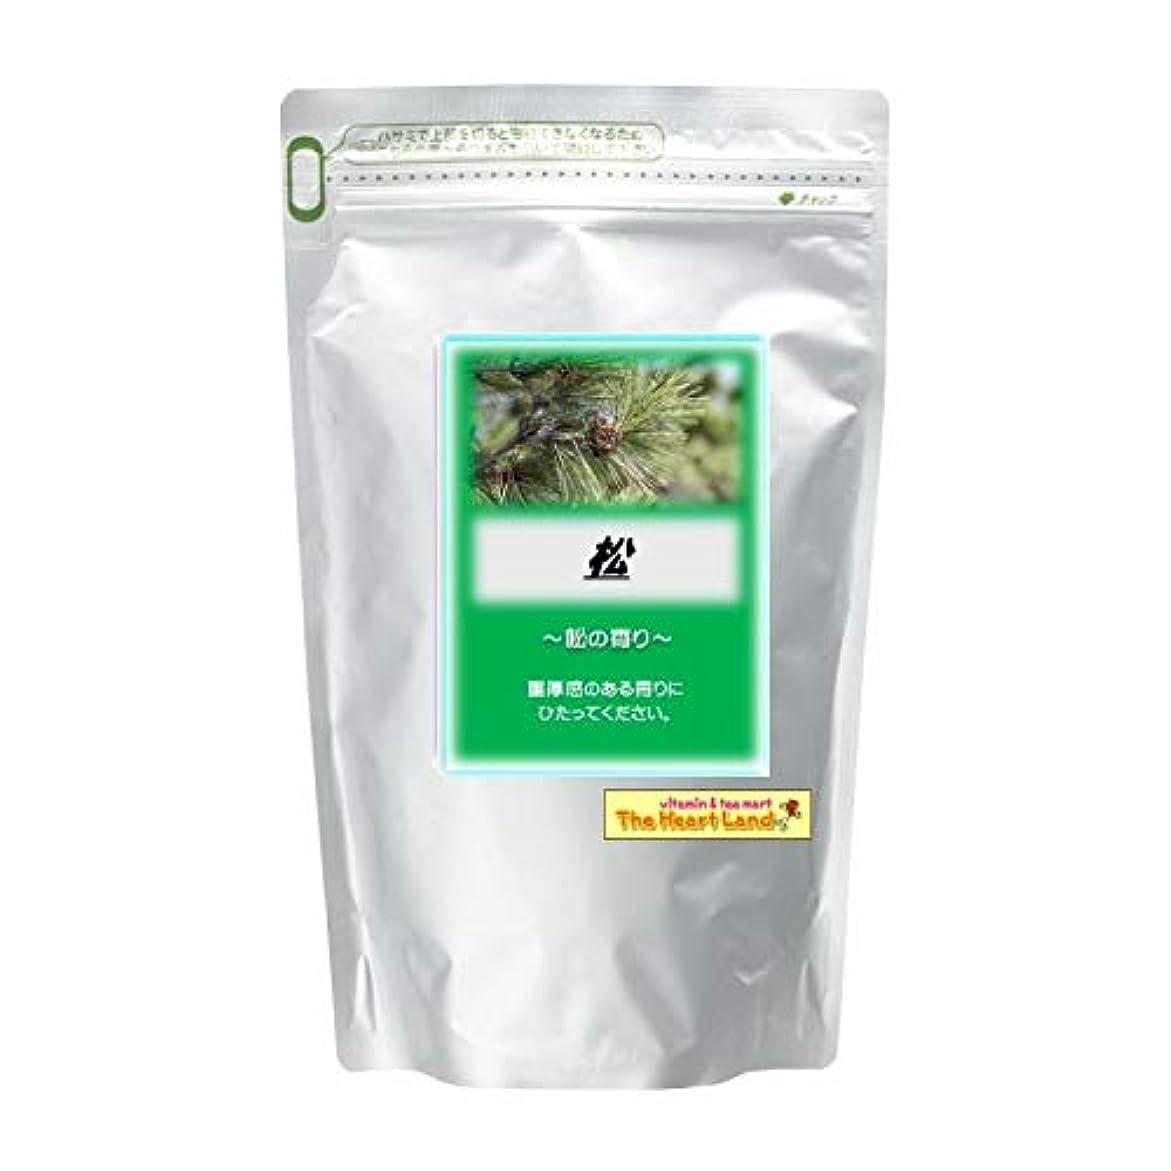 パッド伝染性のペットアサヒ入浴剤 浴用入浴化粧品 松 2.5kg